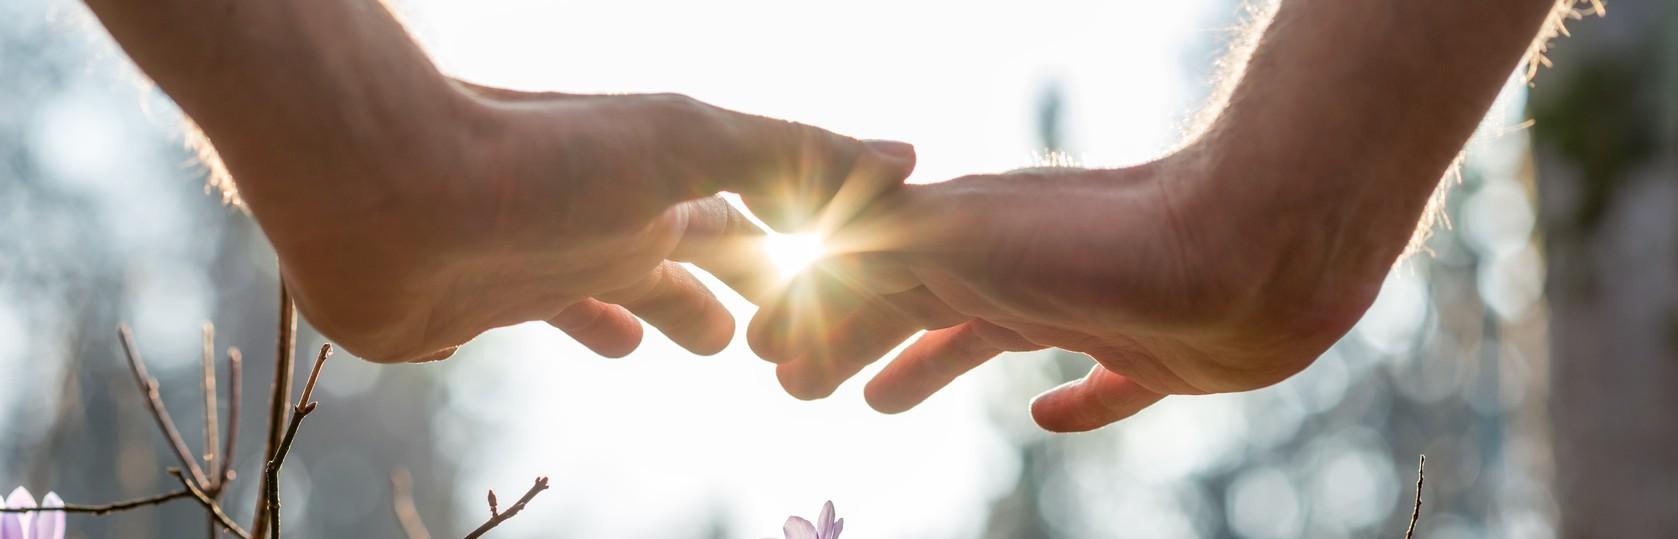 Vortrag: Freundschaften und Beziehungen: Heilung für uns selbst und für andere